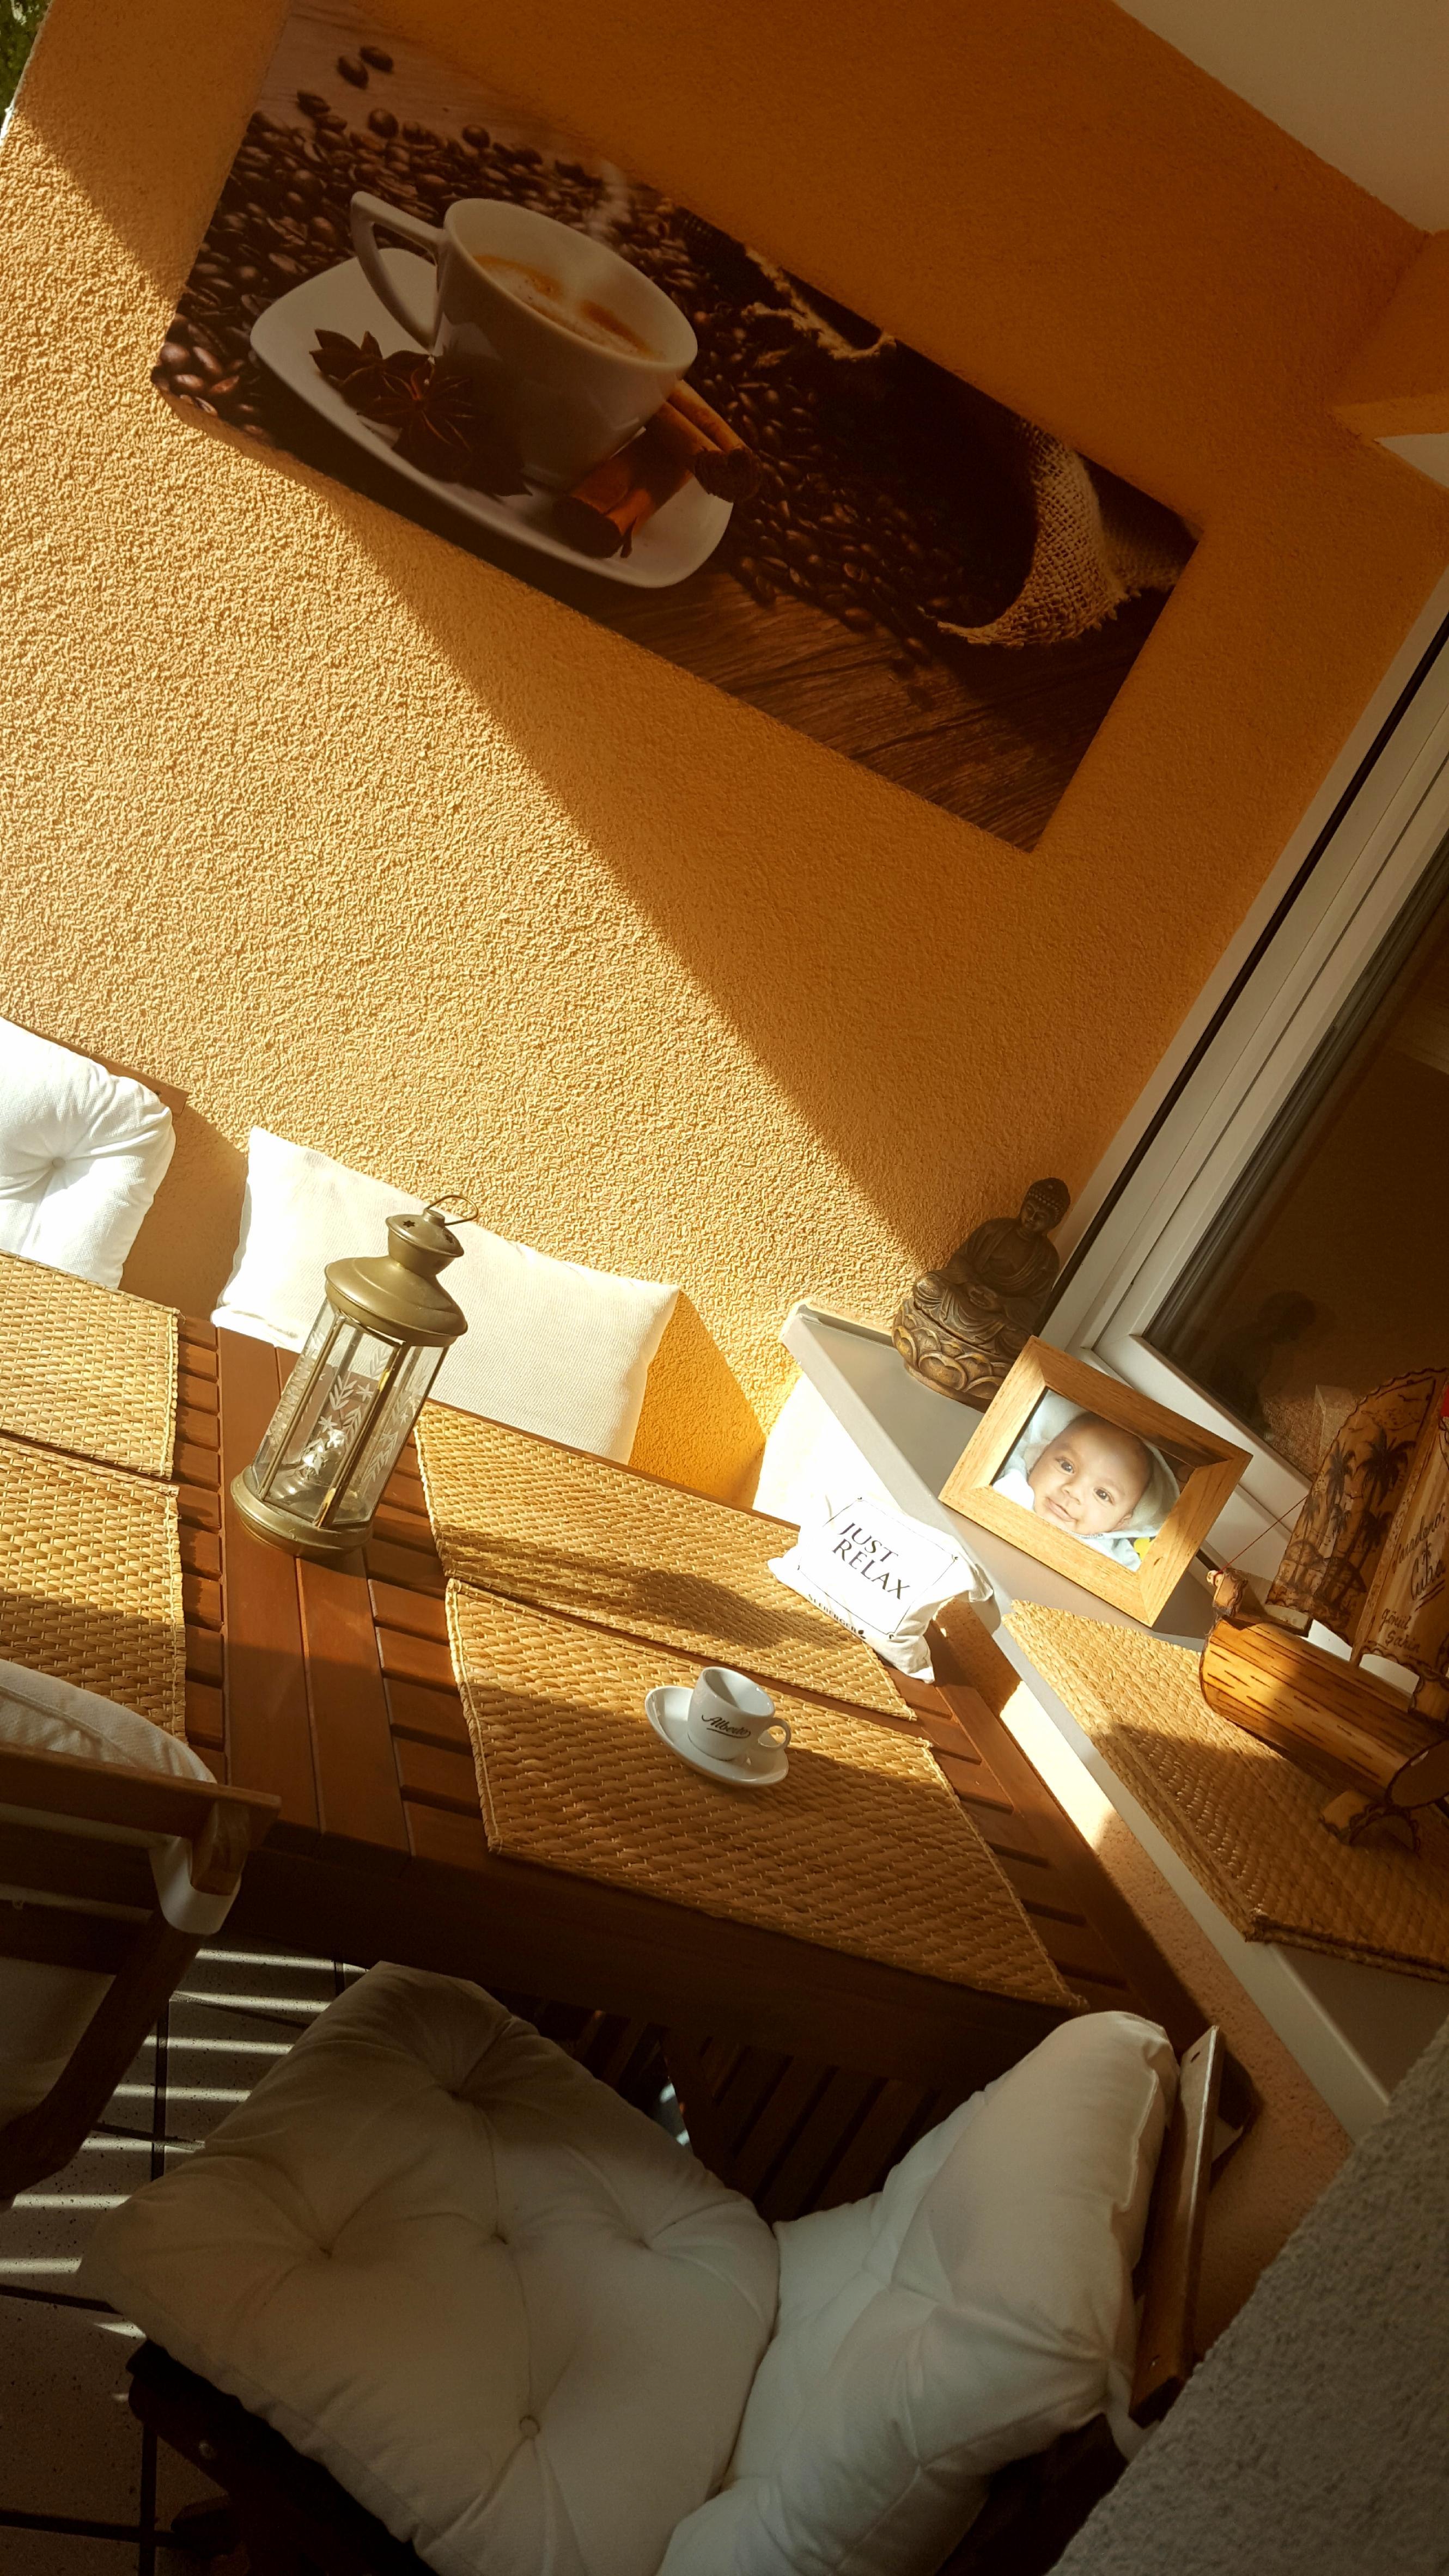 Wie Gestalte Ich Meinen Balkon wie gestalte ich mein wohndesign cool attraktive dekoration